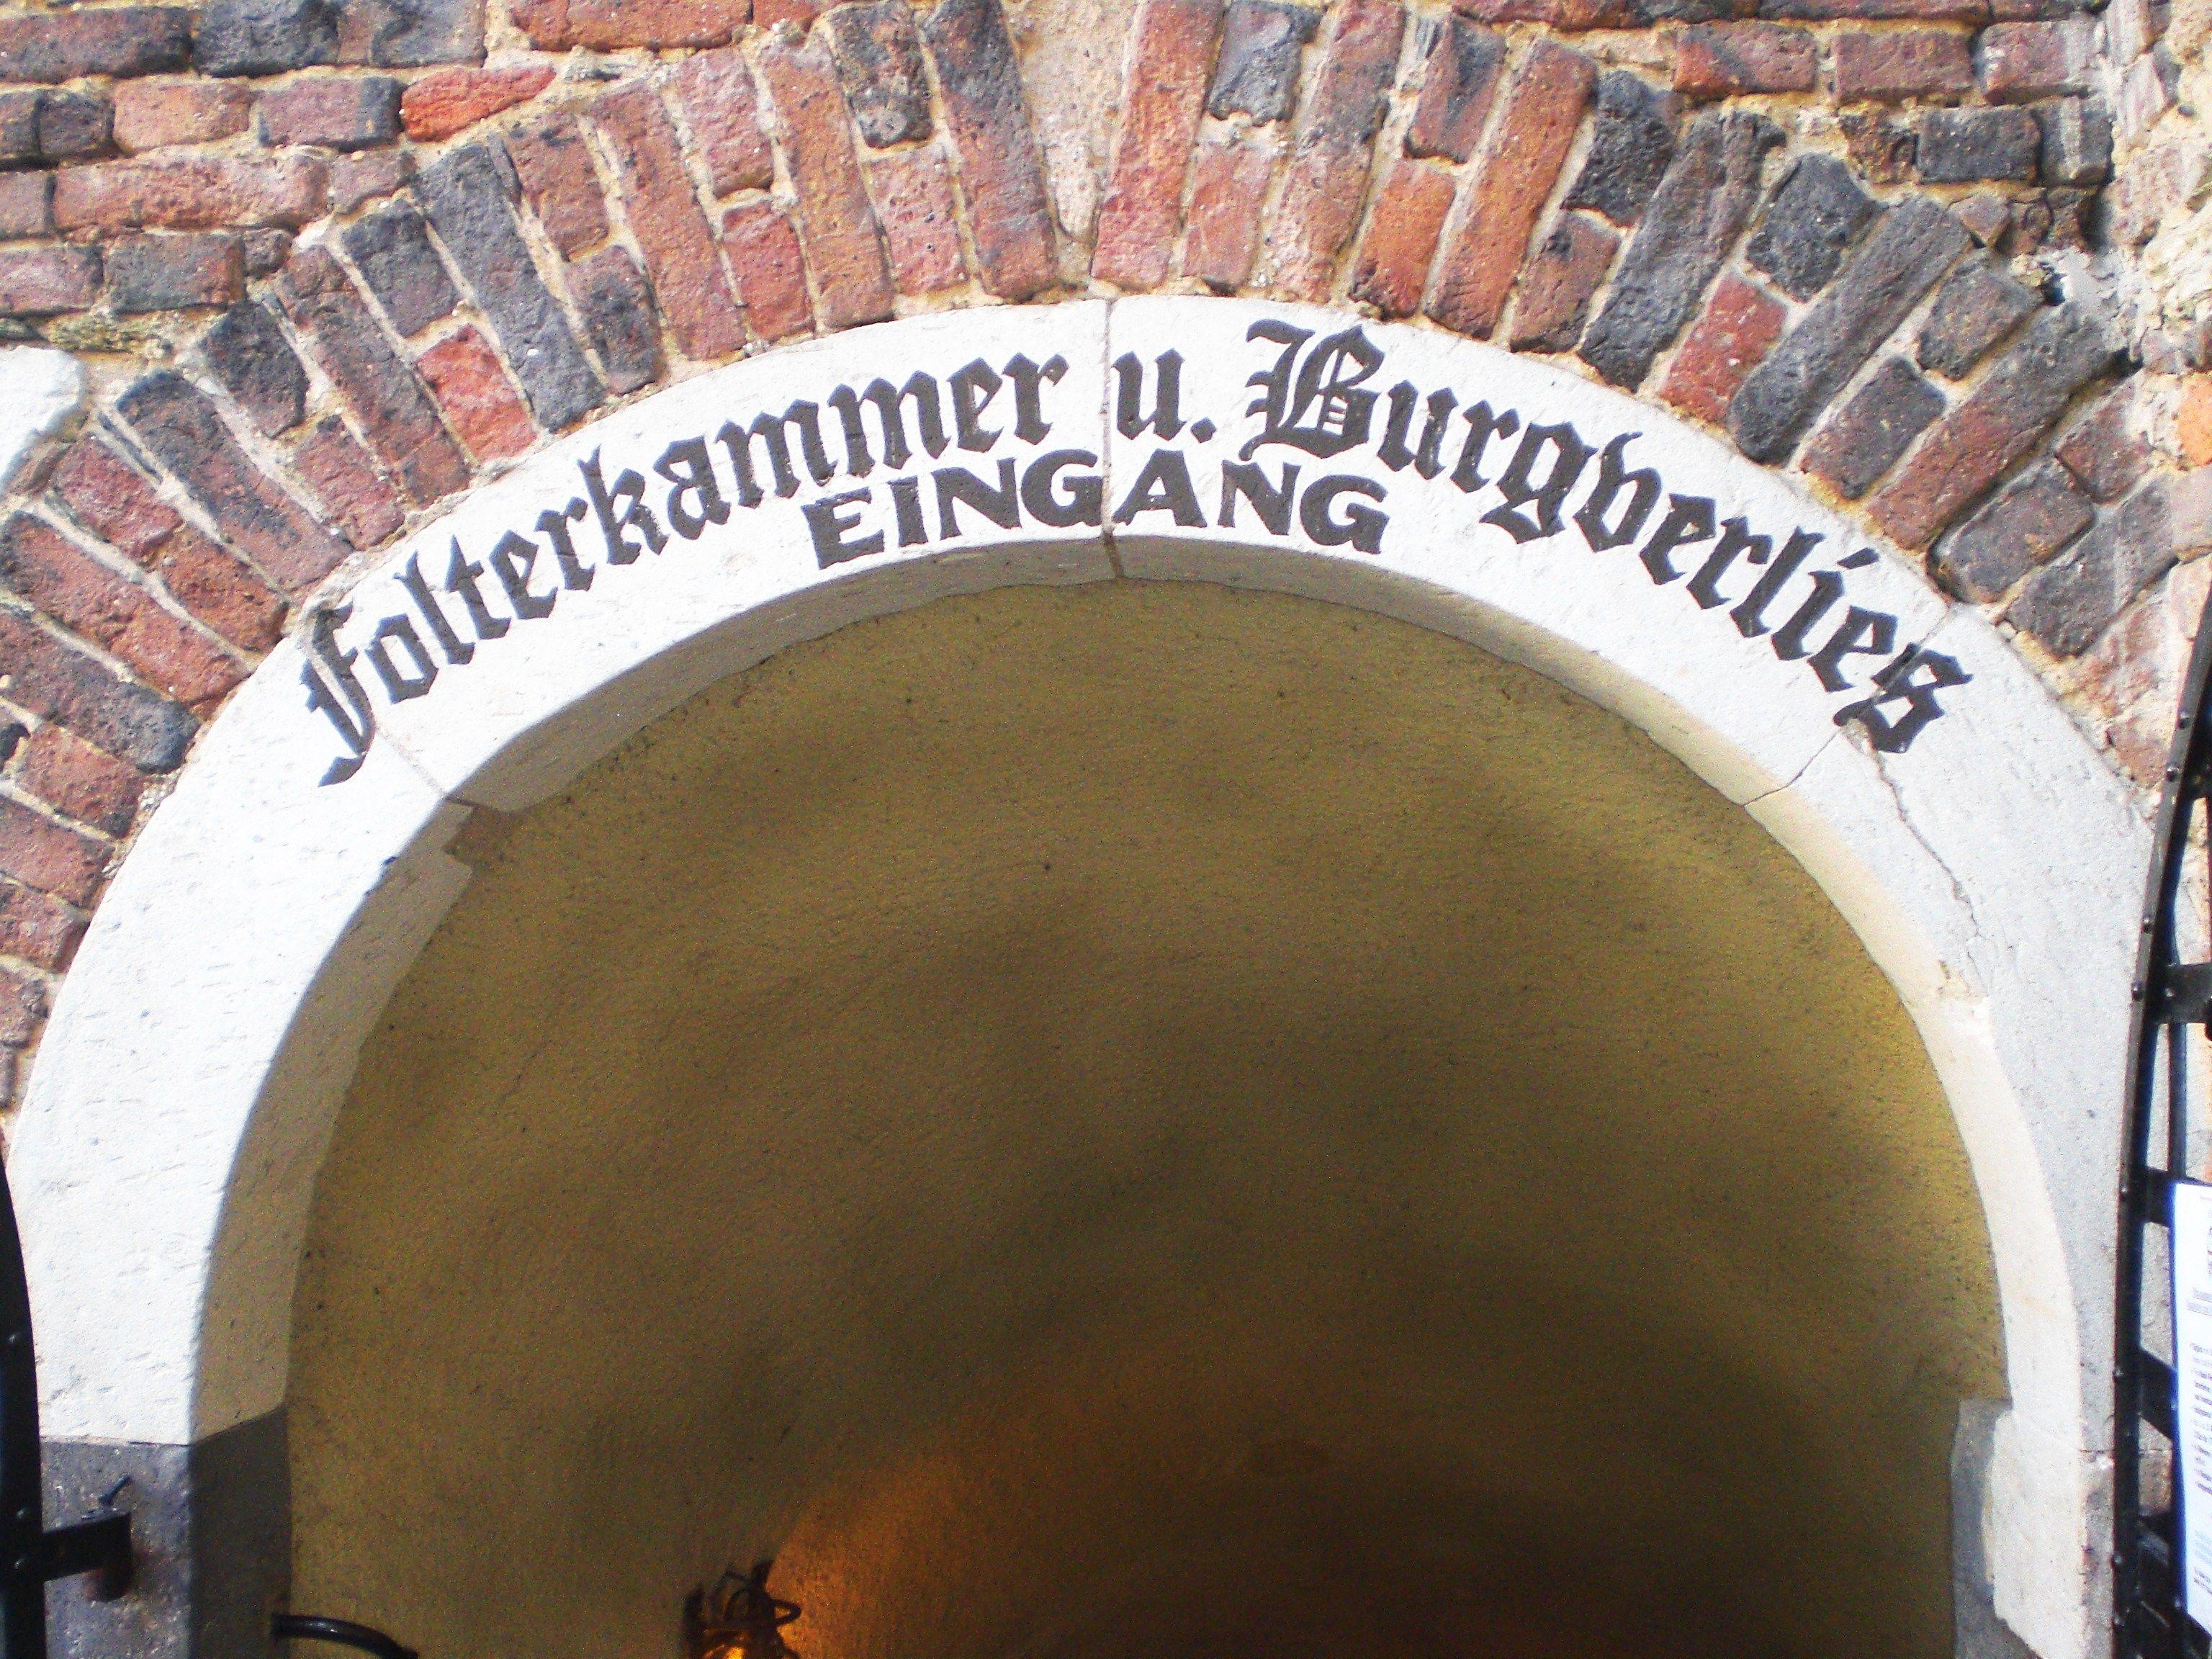 Eingang zur Folterkammer Burg Linz Linz am Rhein, Westerwald Entrace to the torture chamber